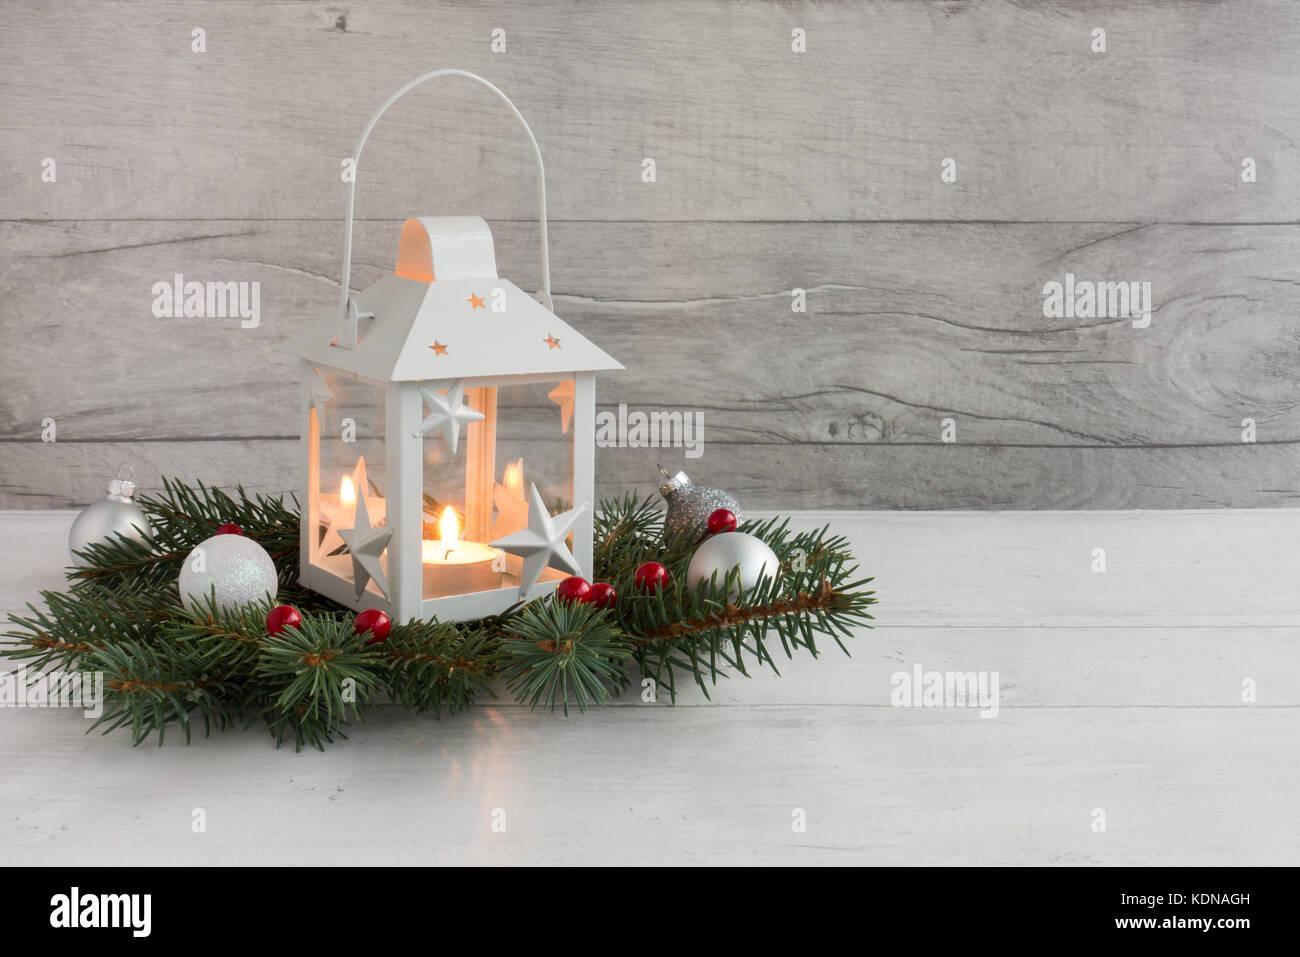 Wei e weihnachten laterne mit kerzenlicht auf tanne zweige mit christbaumkugeln auf grau holz - Christbaumkugeln grau ...